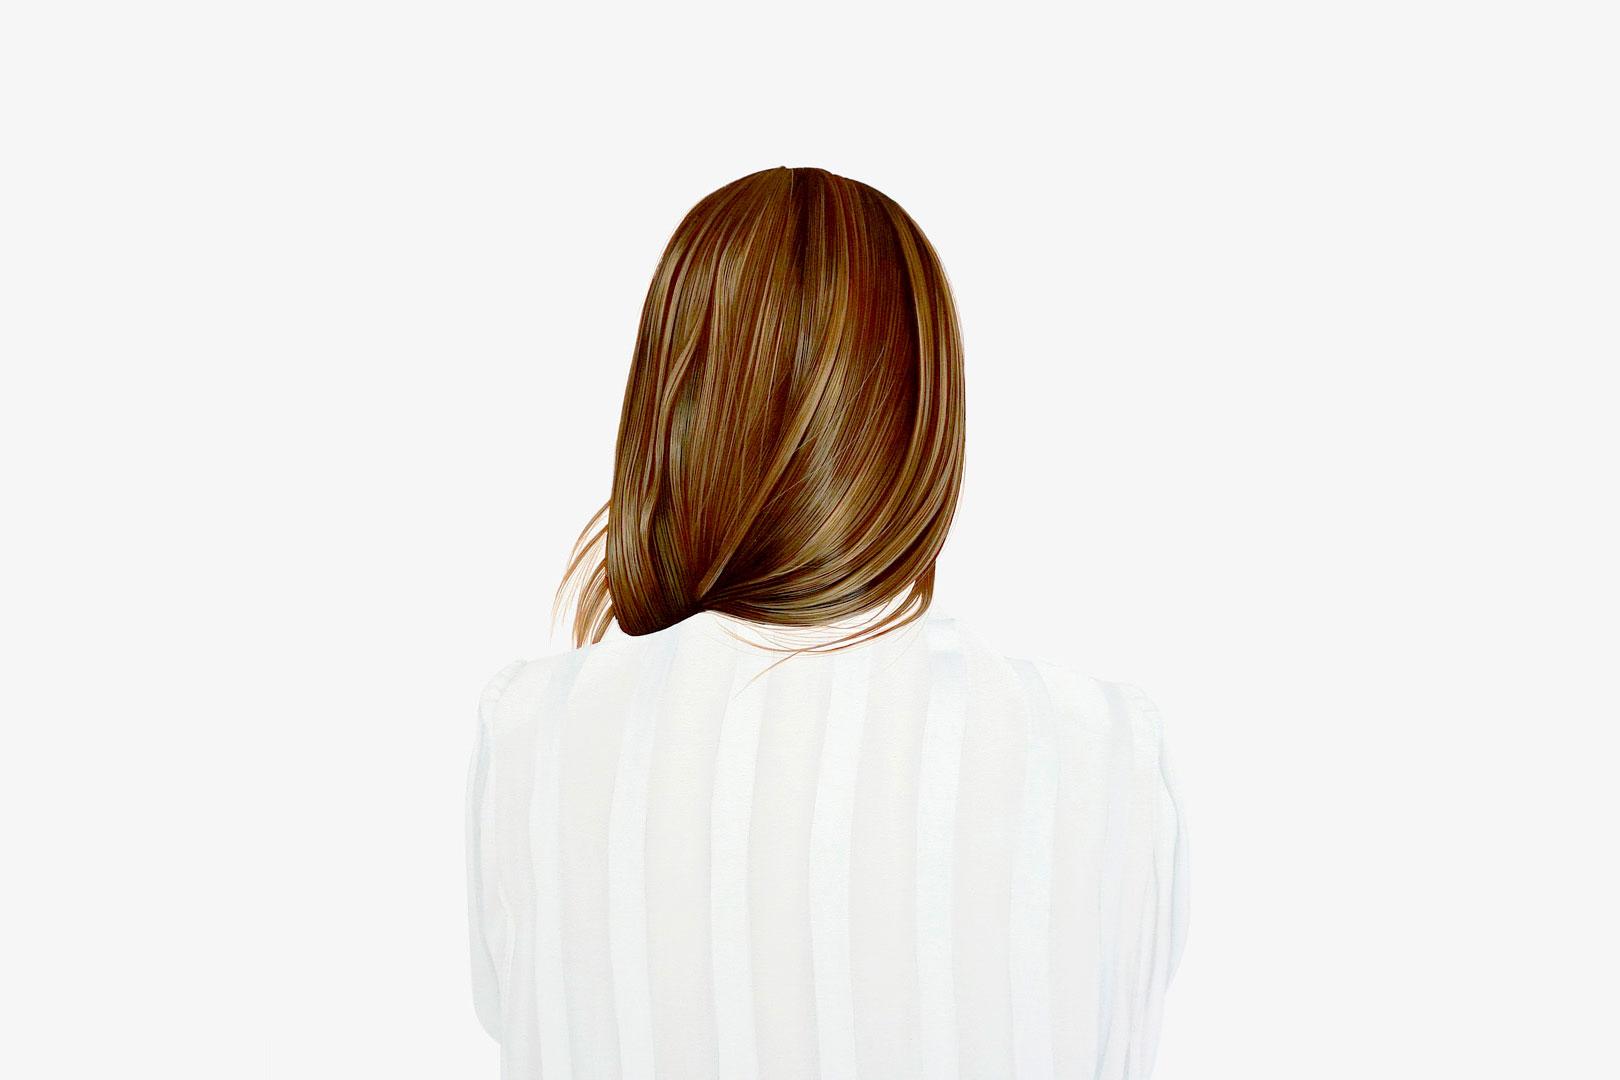 Die Bilder von Charlotte Hopkins Hall zeigen dir nur die kalte Schulter